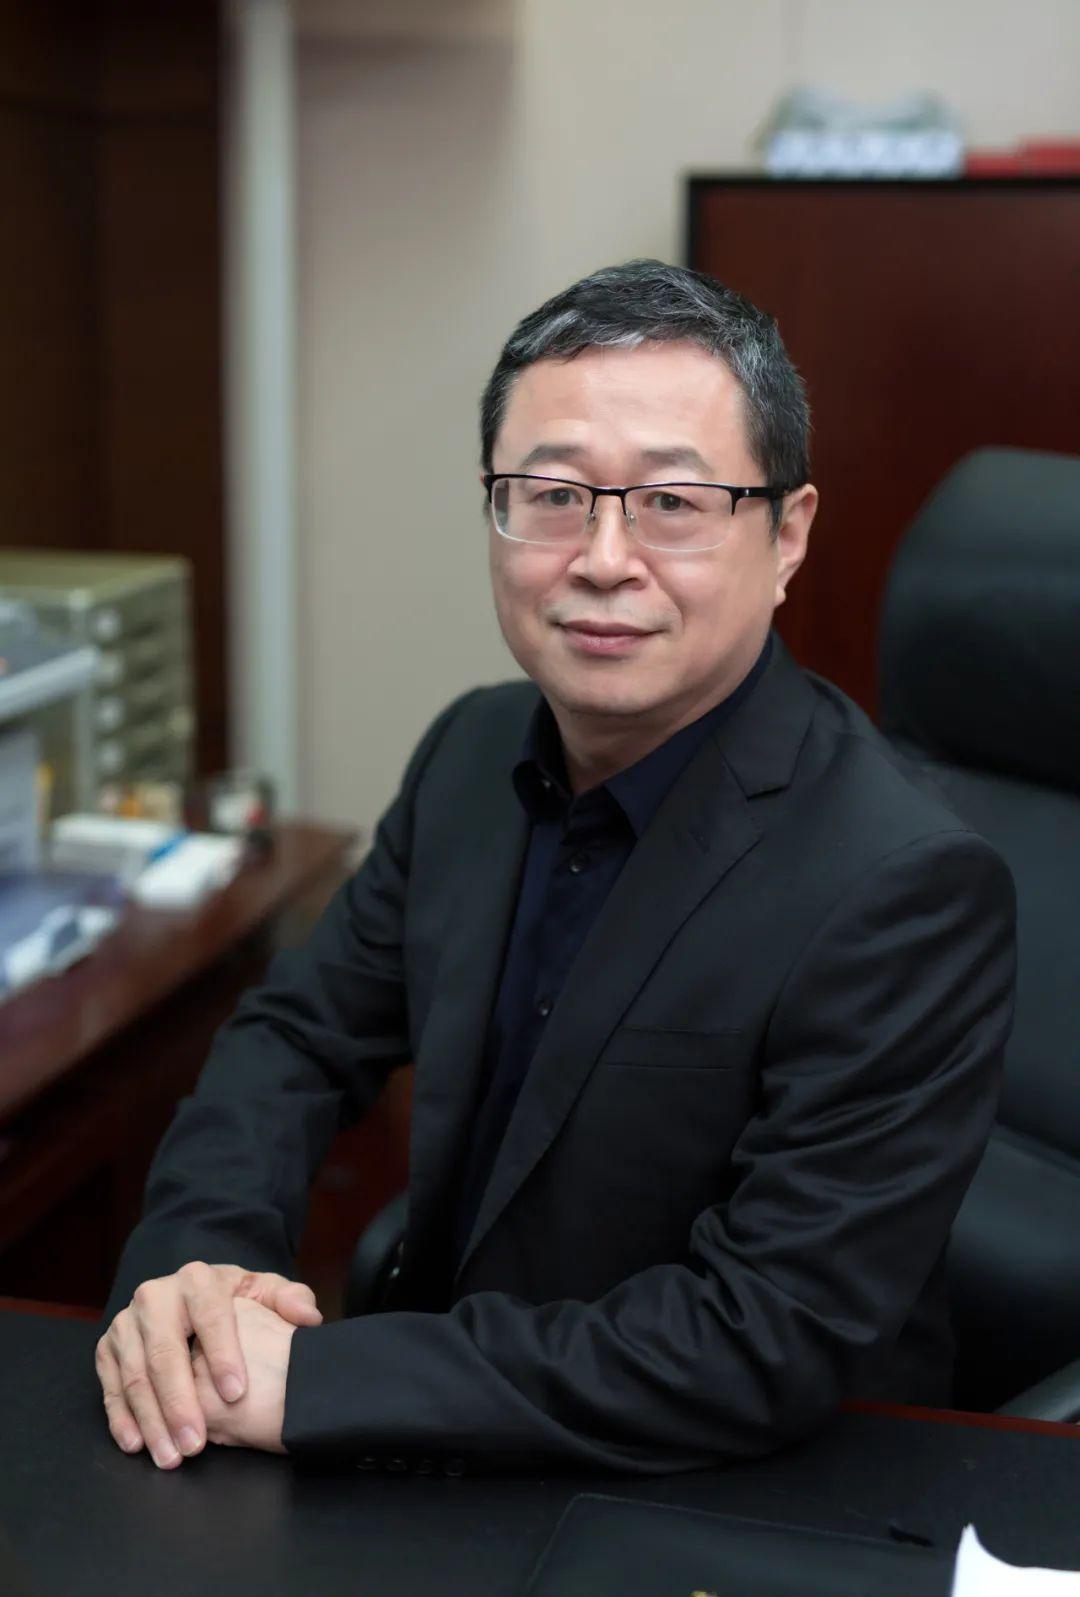 深圳市引导基金蒋玉才:理论上应允许政府引导基金亏损